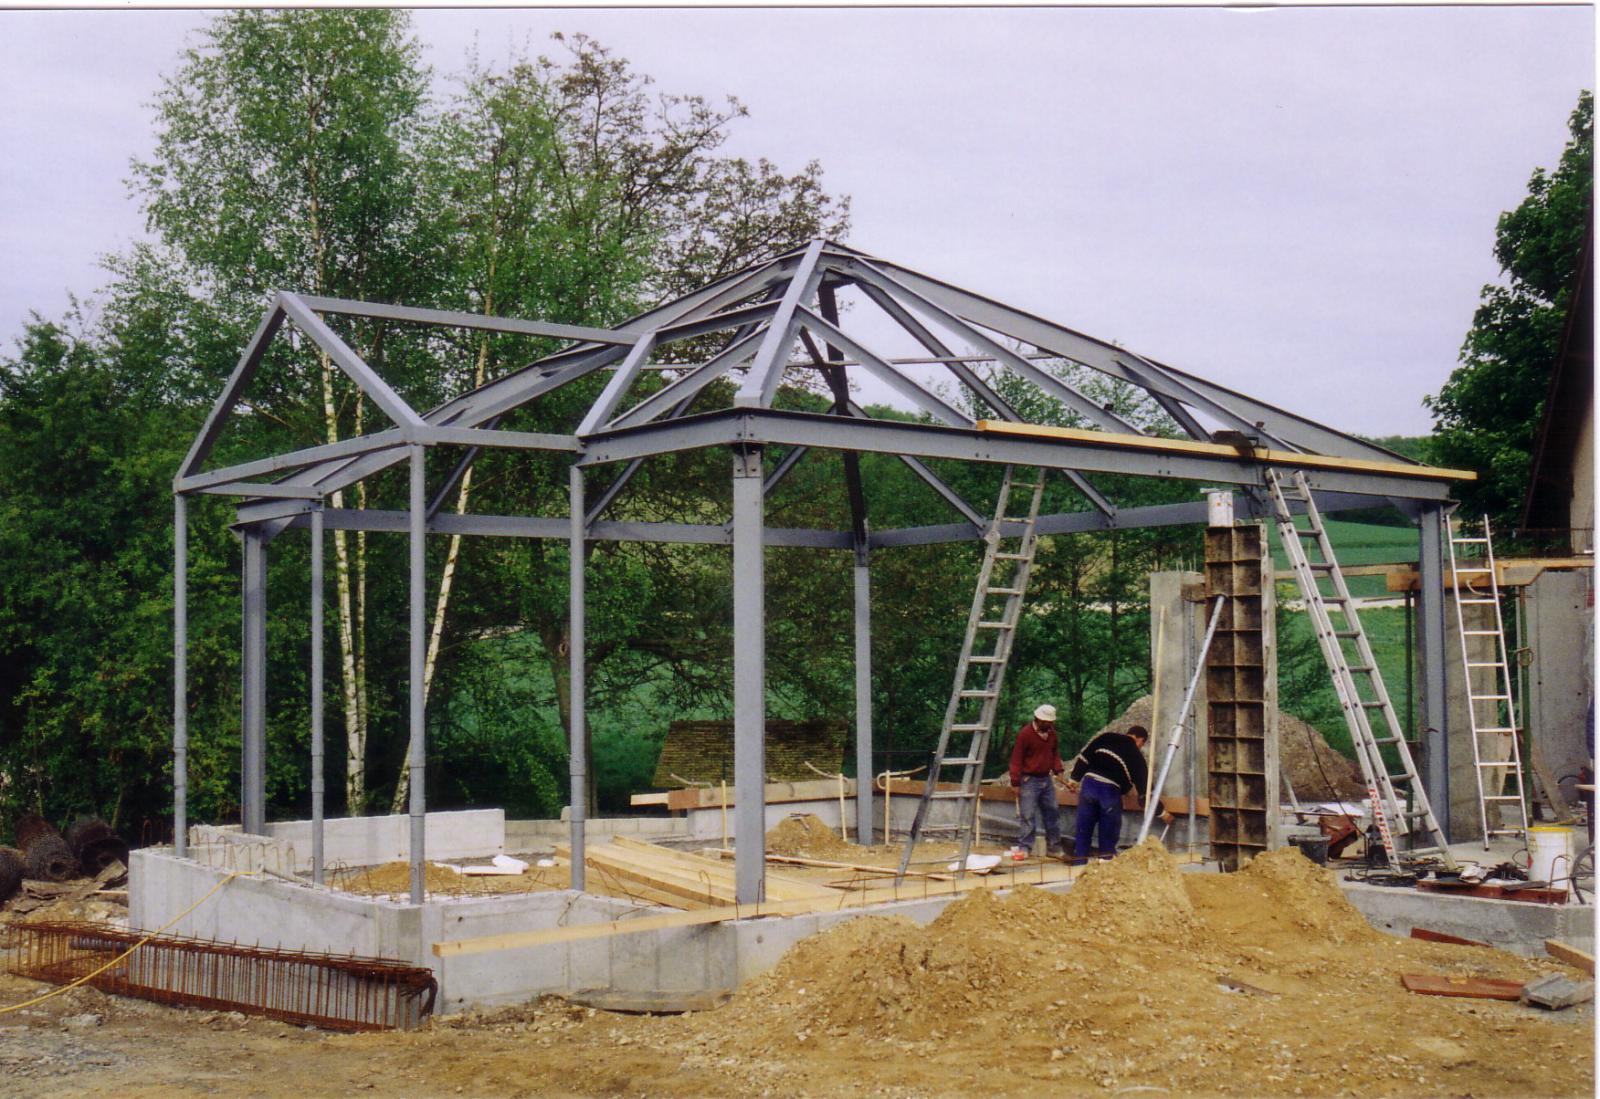 Kovinske strehe andrej golob kovinske konstrukcije s p for Structure metallique maison